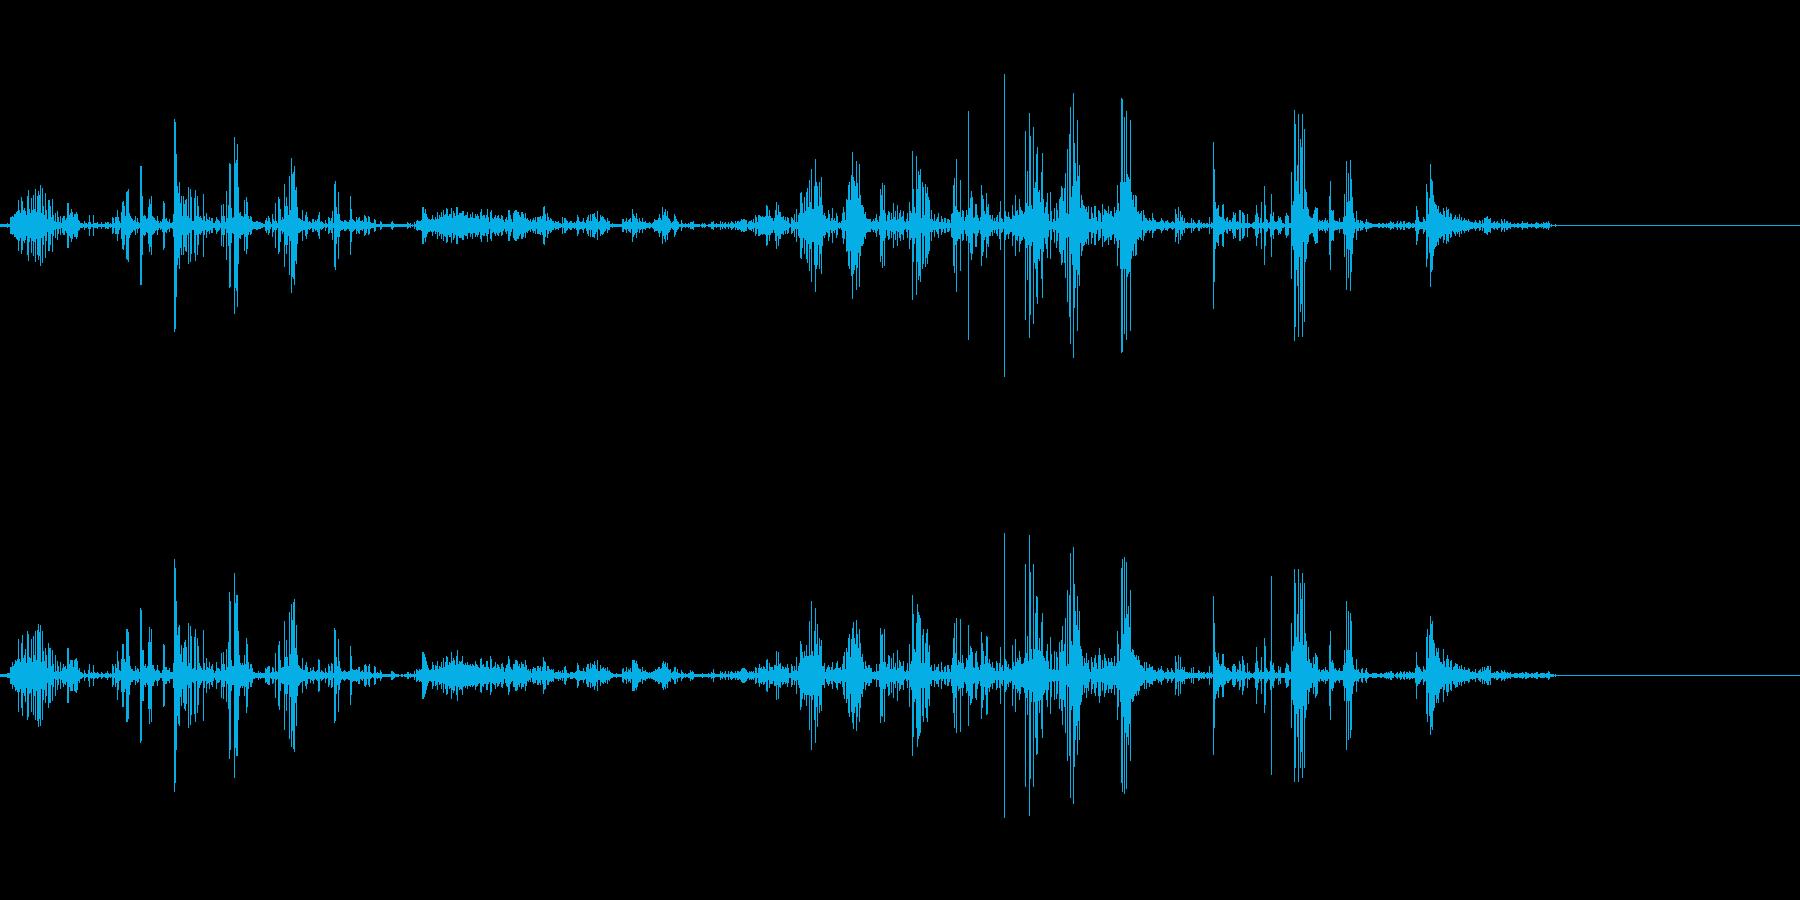 ベリベリベリベリ(物をちぎる音)の再生済みの波形